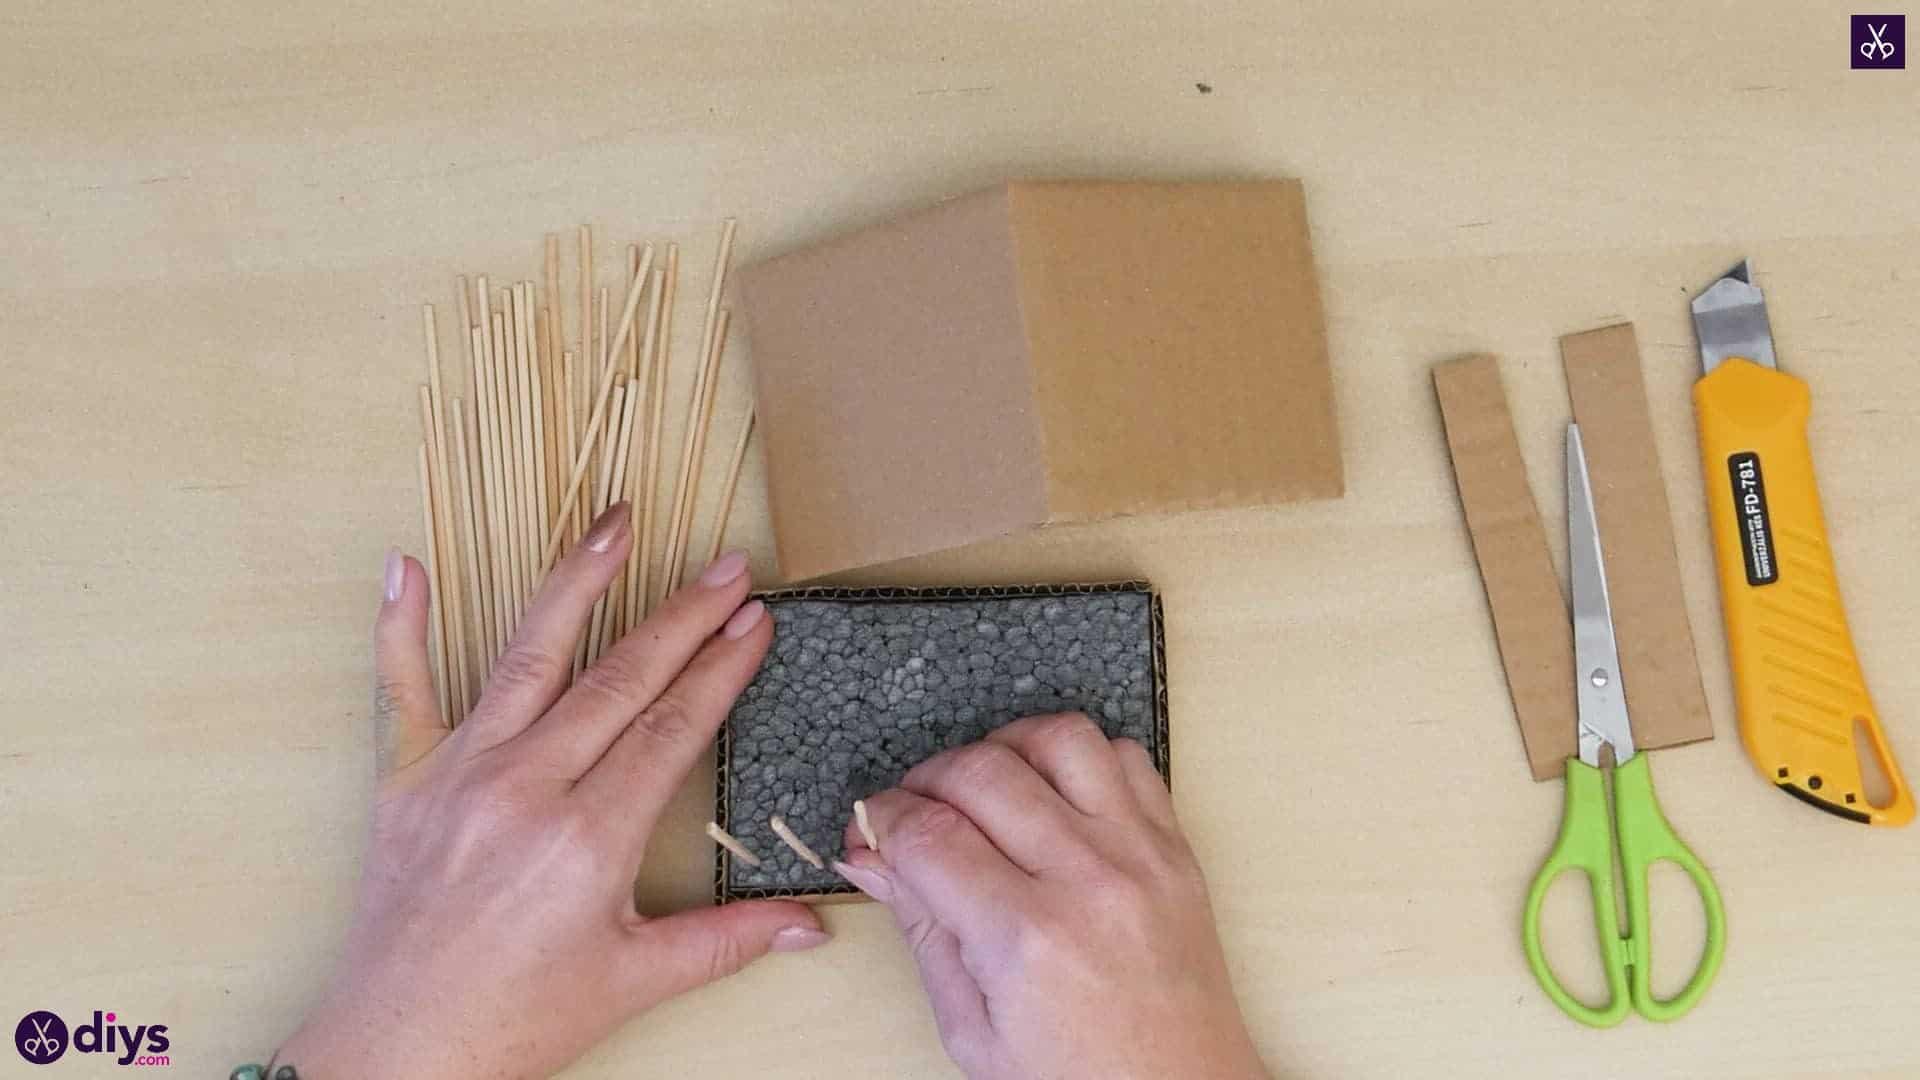 Diy miniature cage centerpiece step 7